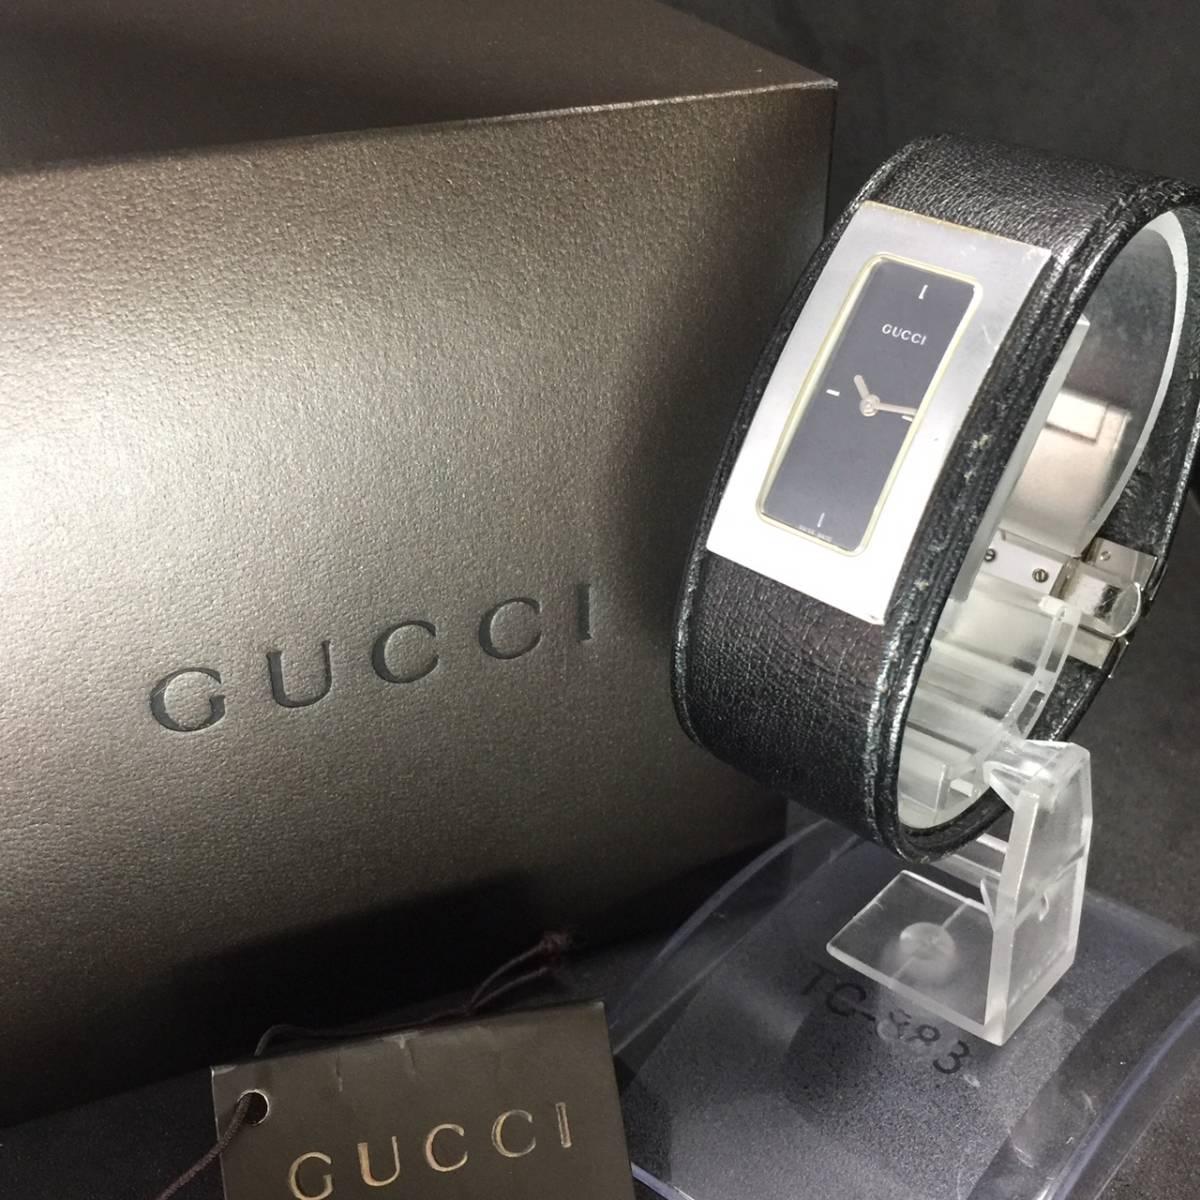 【1円箱付】GUCCI グッチ 腕時計 レディース 7800S レザー ブラックダイヤル スクエア 可動品_画像2